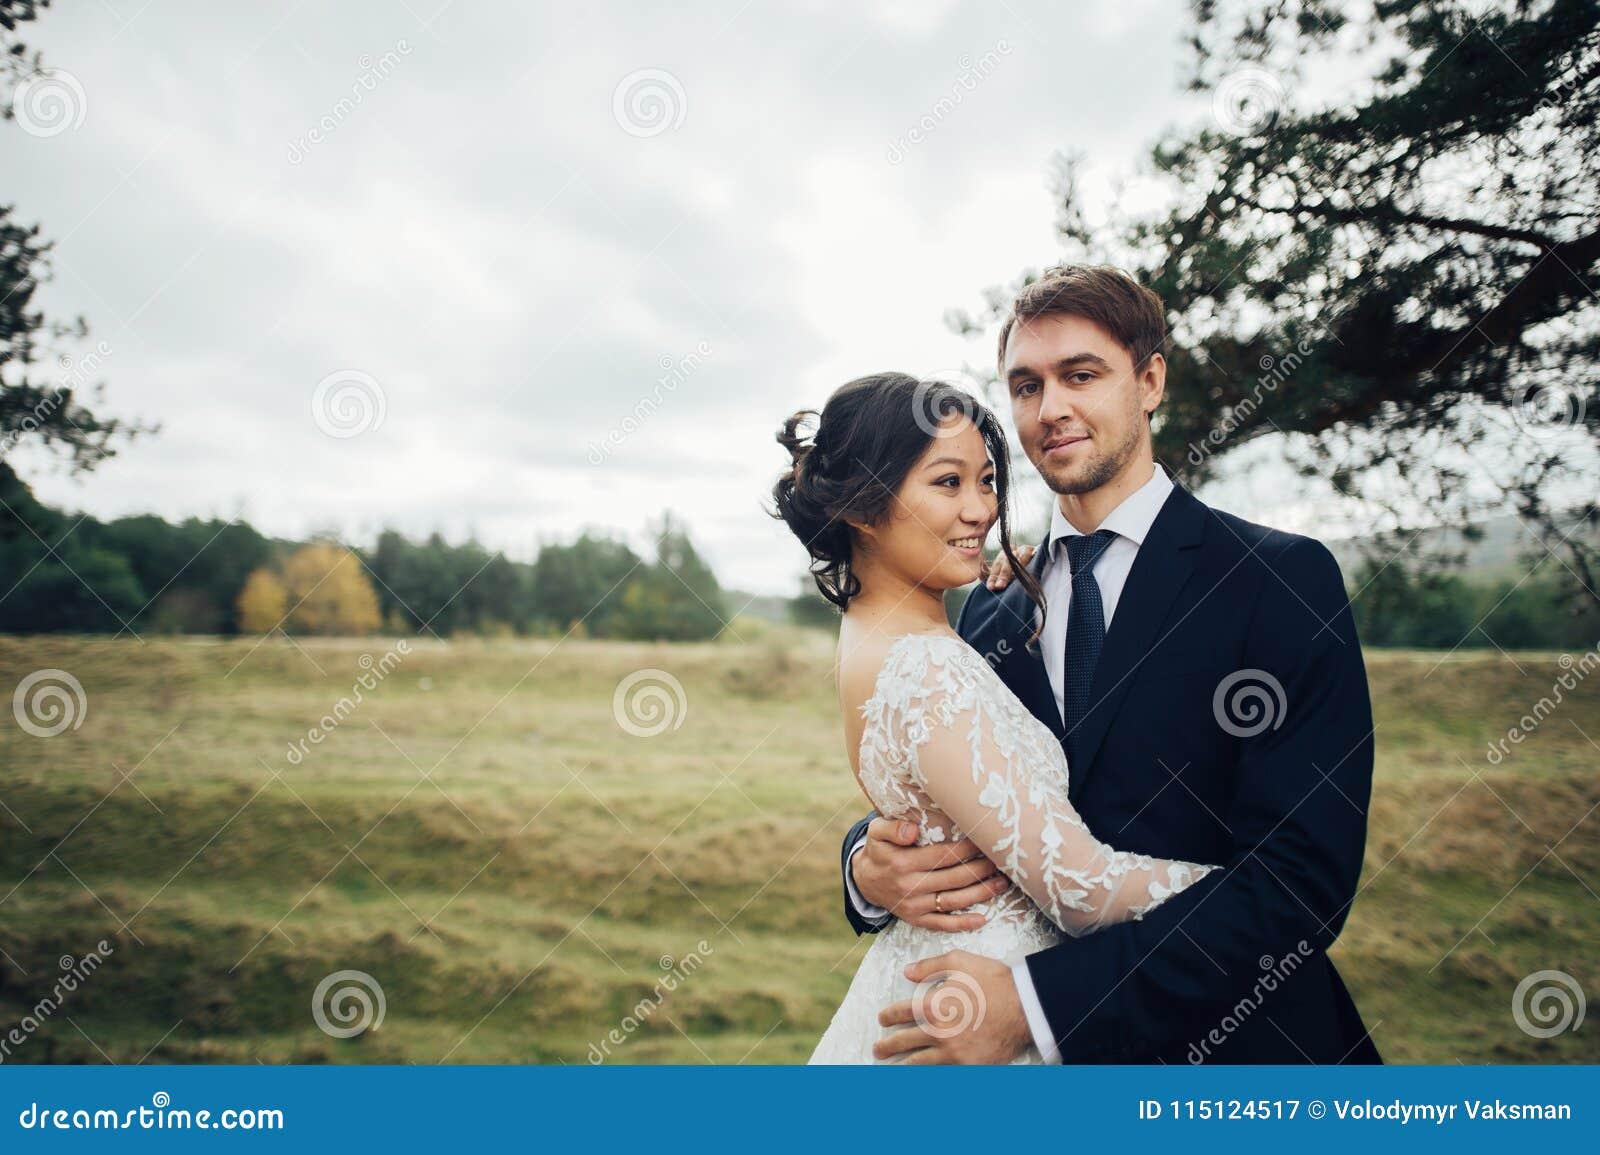 Πρόσφατα το ζεύγος που φιλά tenderly μεταξύ των κομψών δέντρων